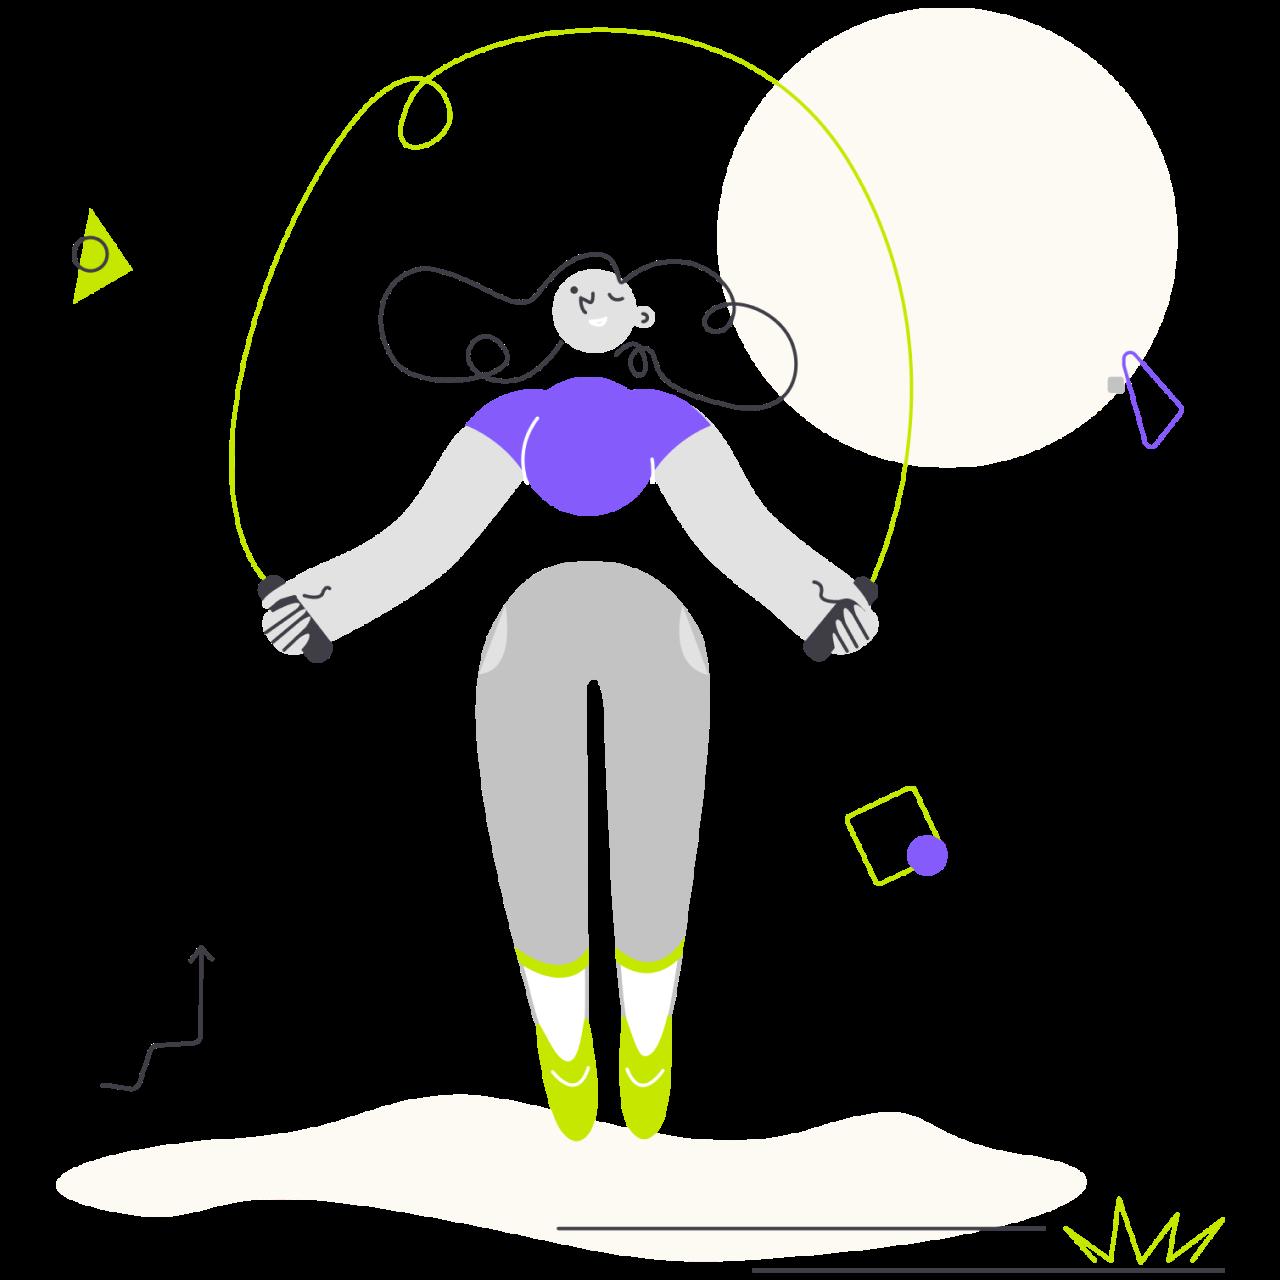 Обложка набора иллюстраций Yollo спортивные иллюстрации и картинки